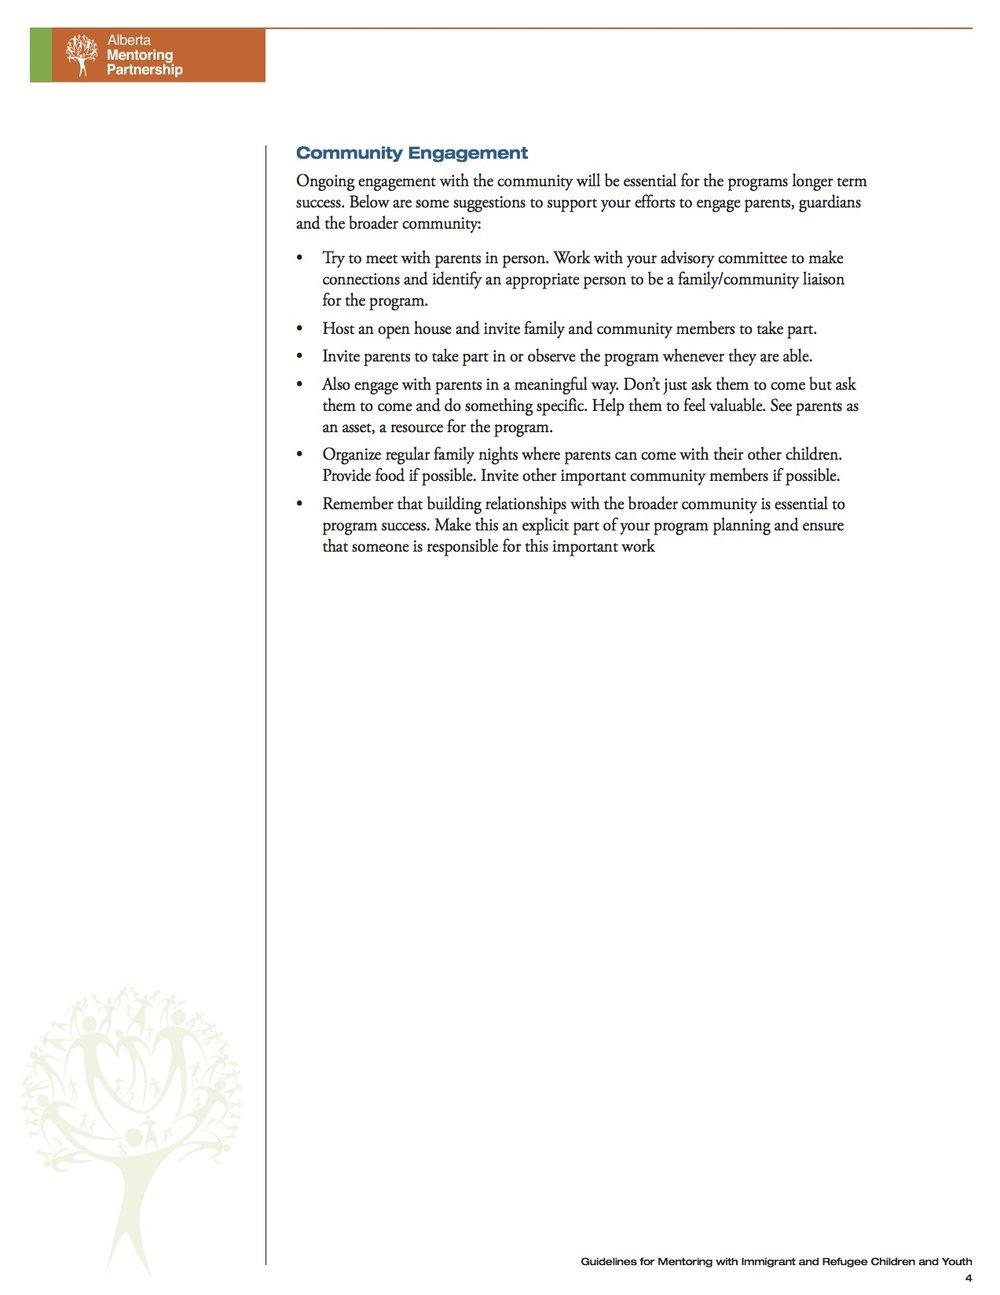 ReR+Mentoring+Guidelines4.jpg